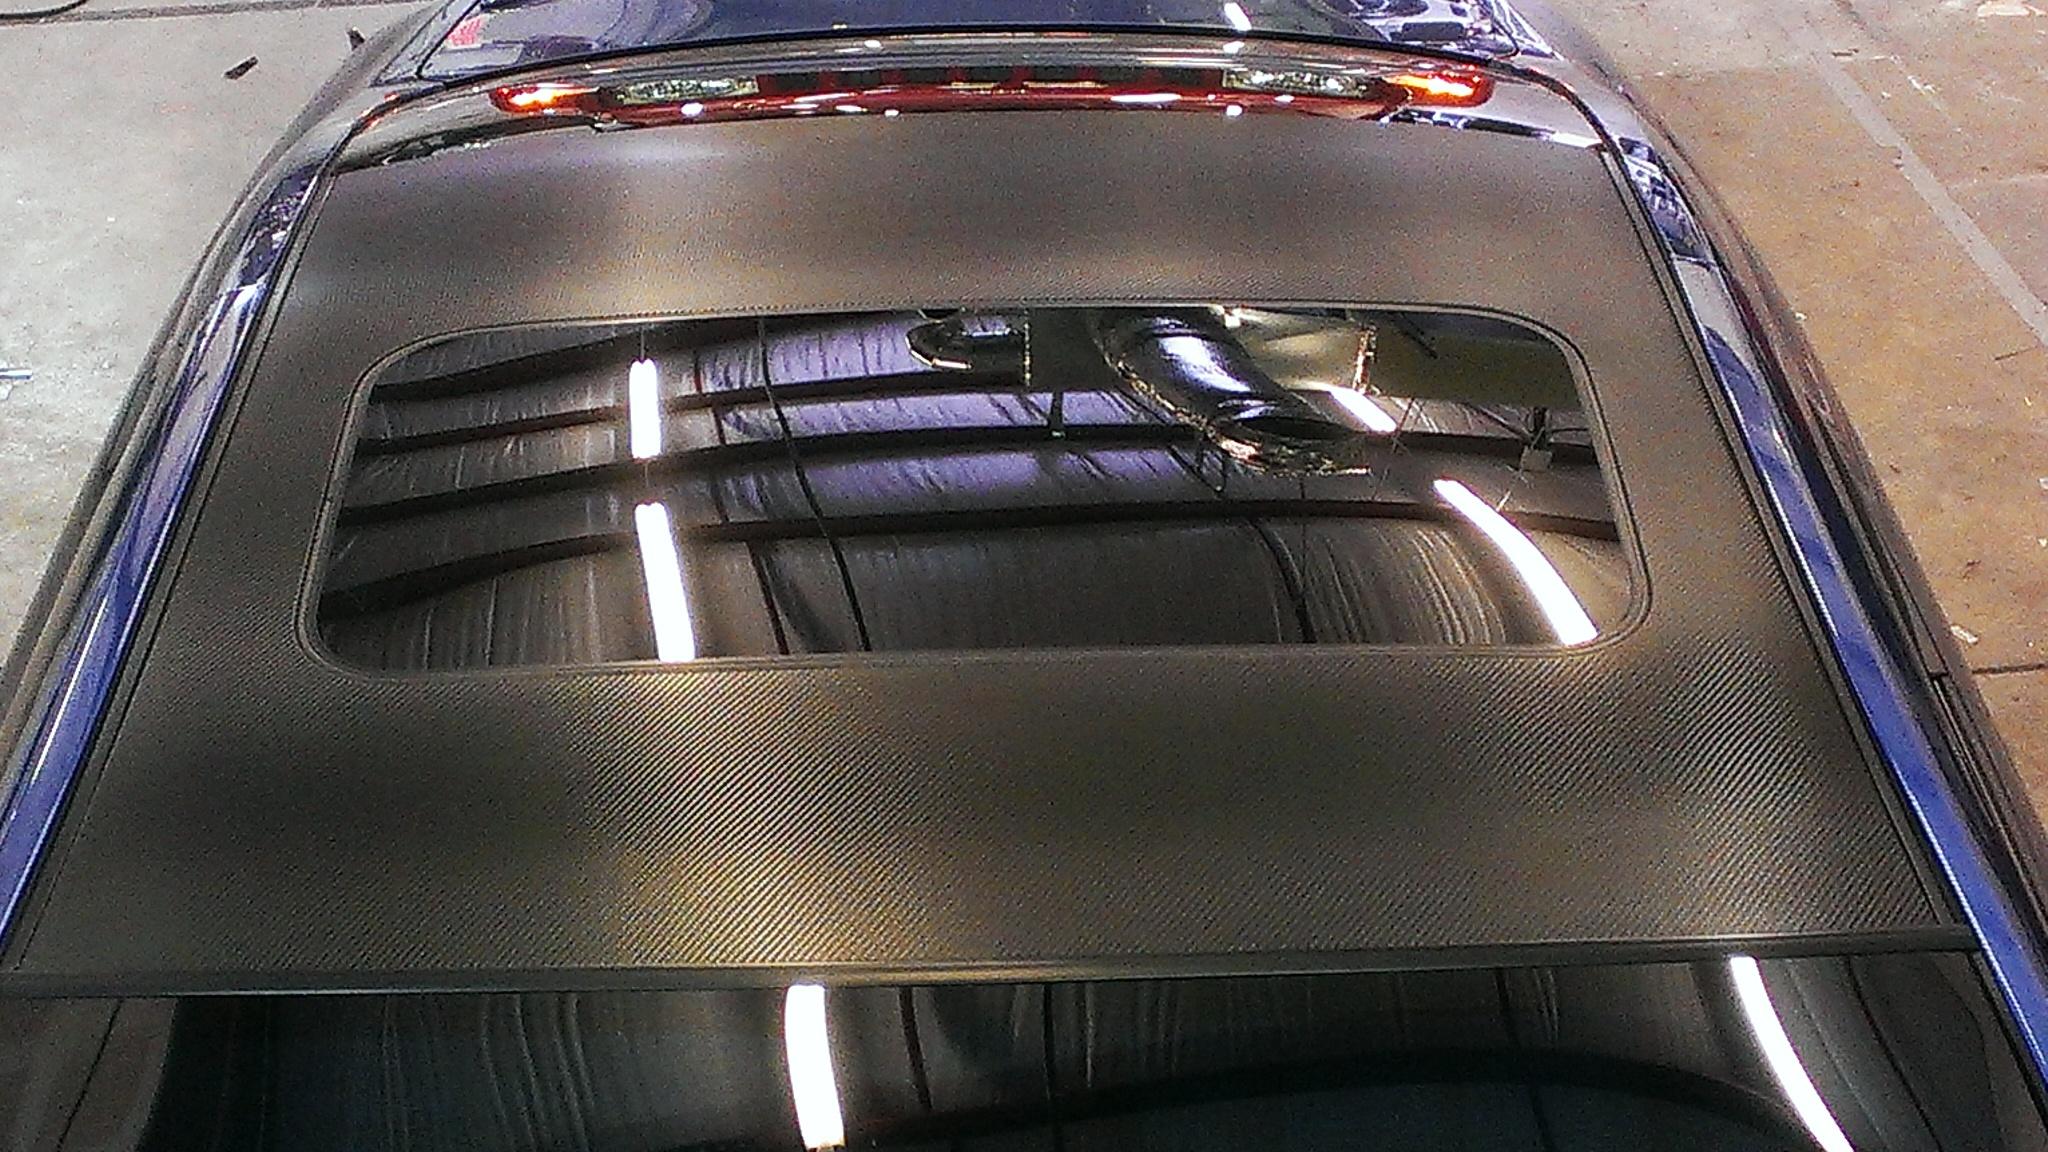 Carbon Fiber Dinoc Roof Wrap